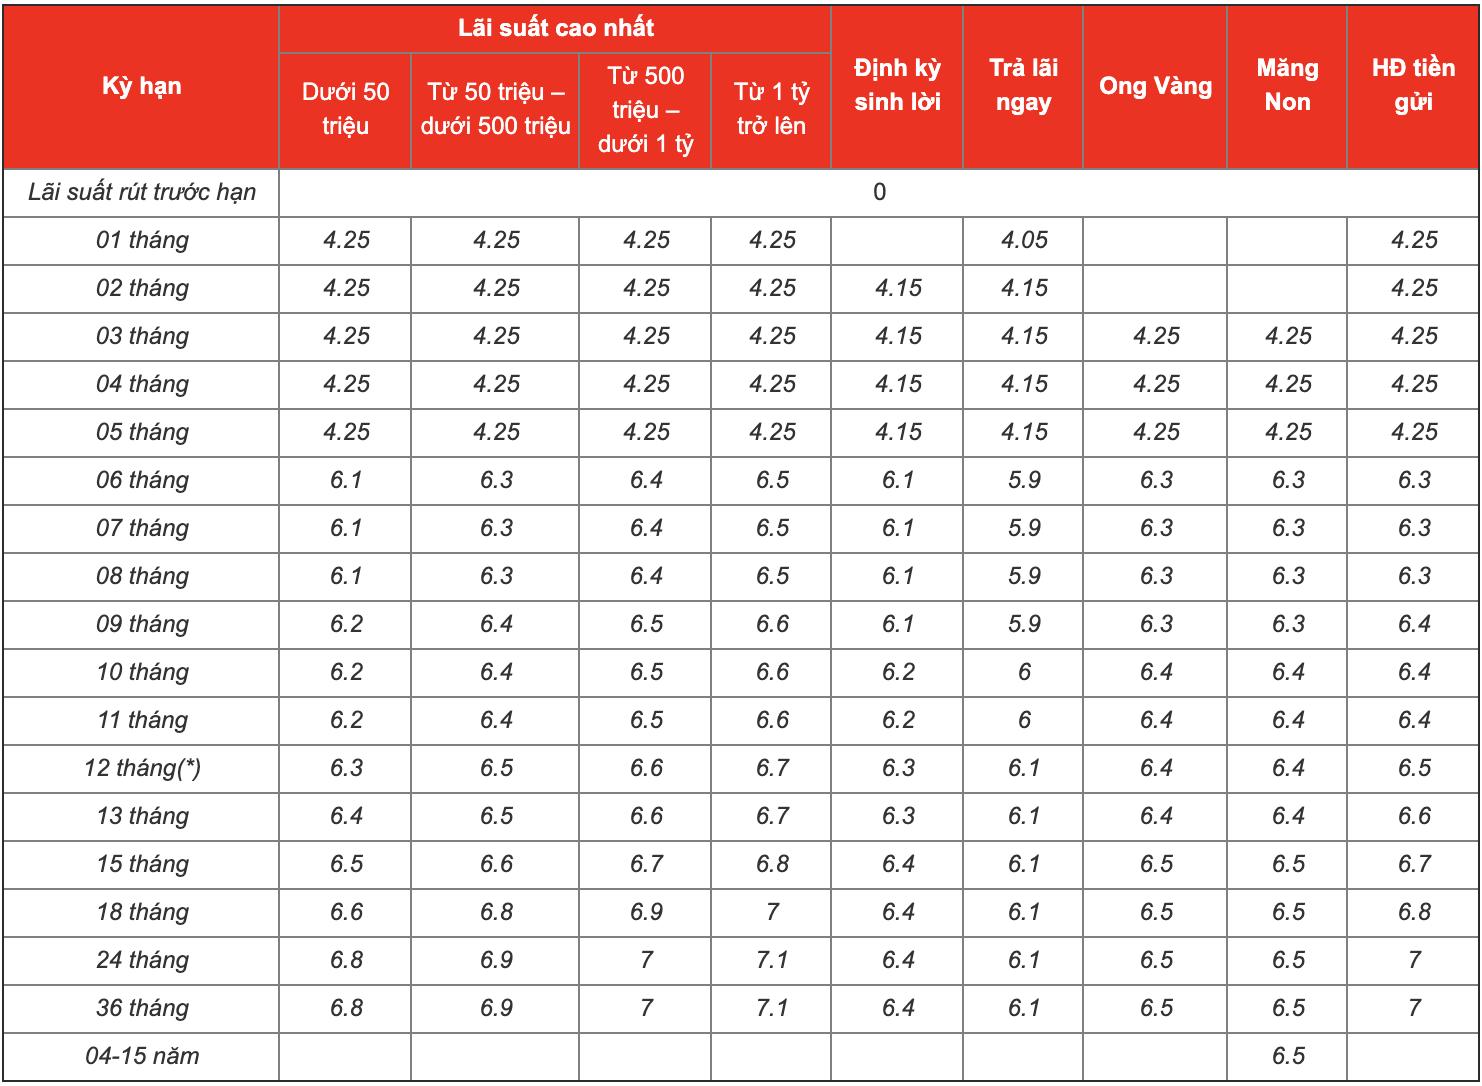 Lãi suất ngân hàng MSB tháng 6/2020: Cao nhất là 7,6%/năm - Ảnh 1.